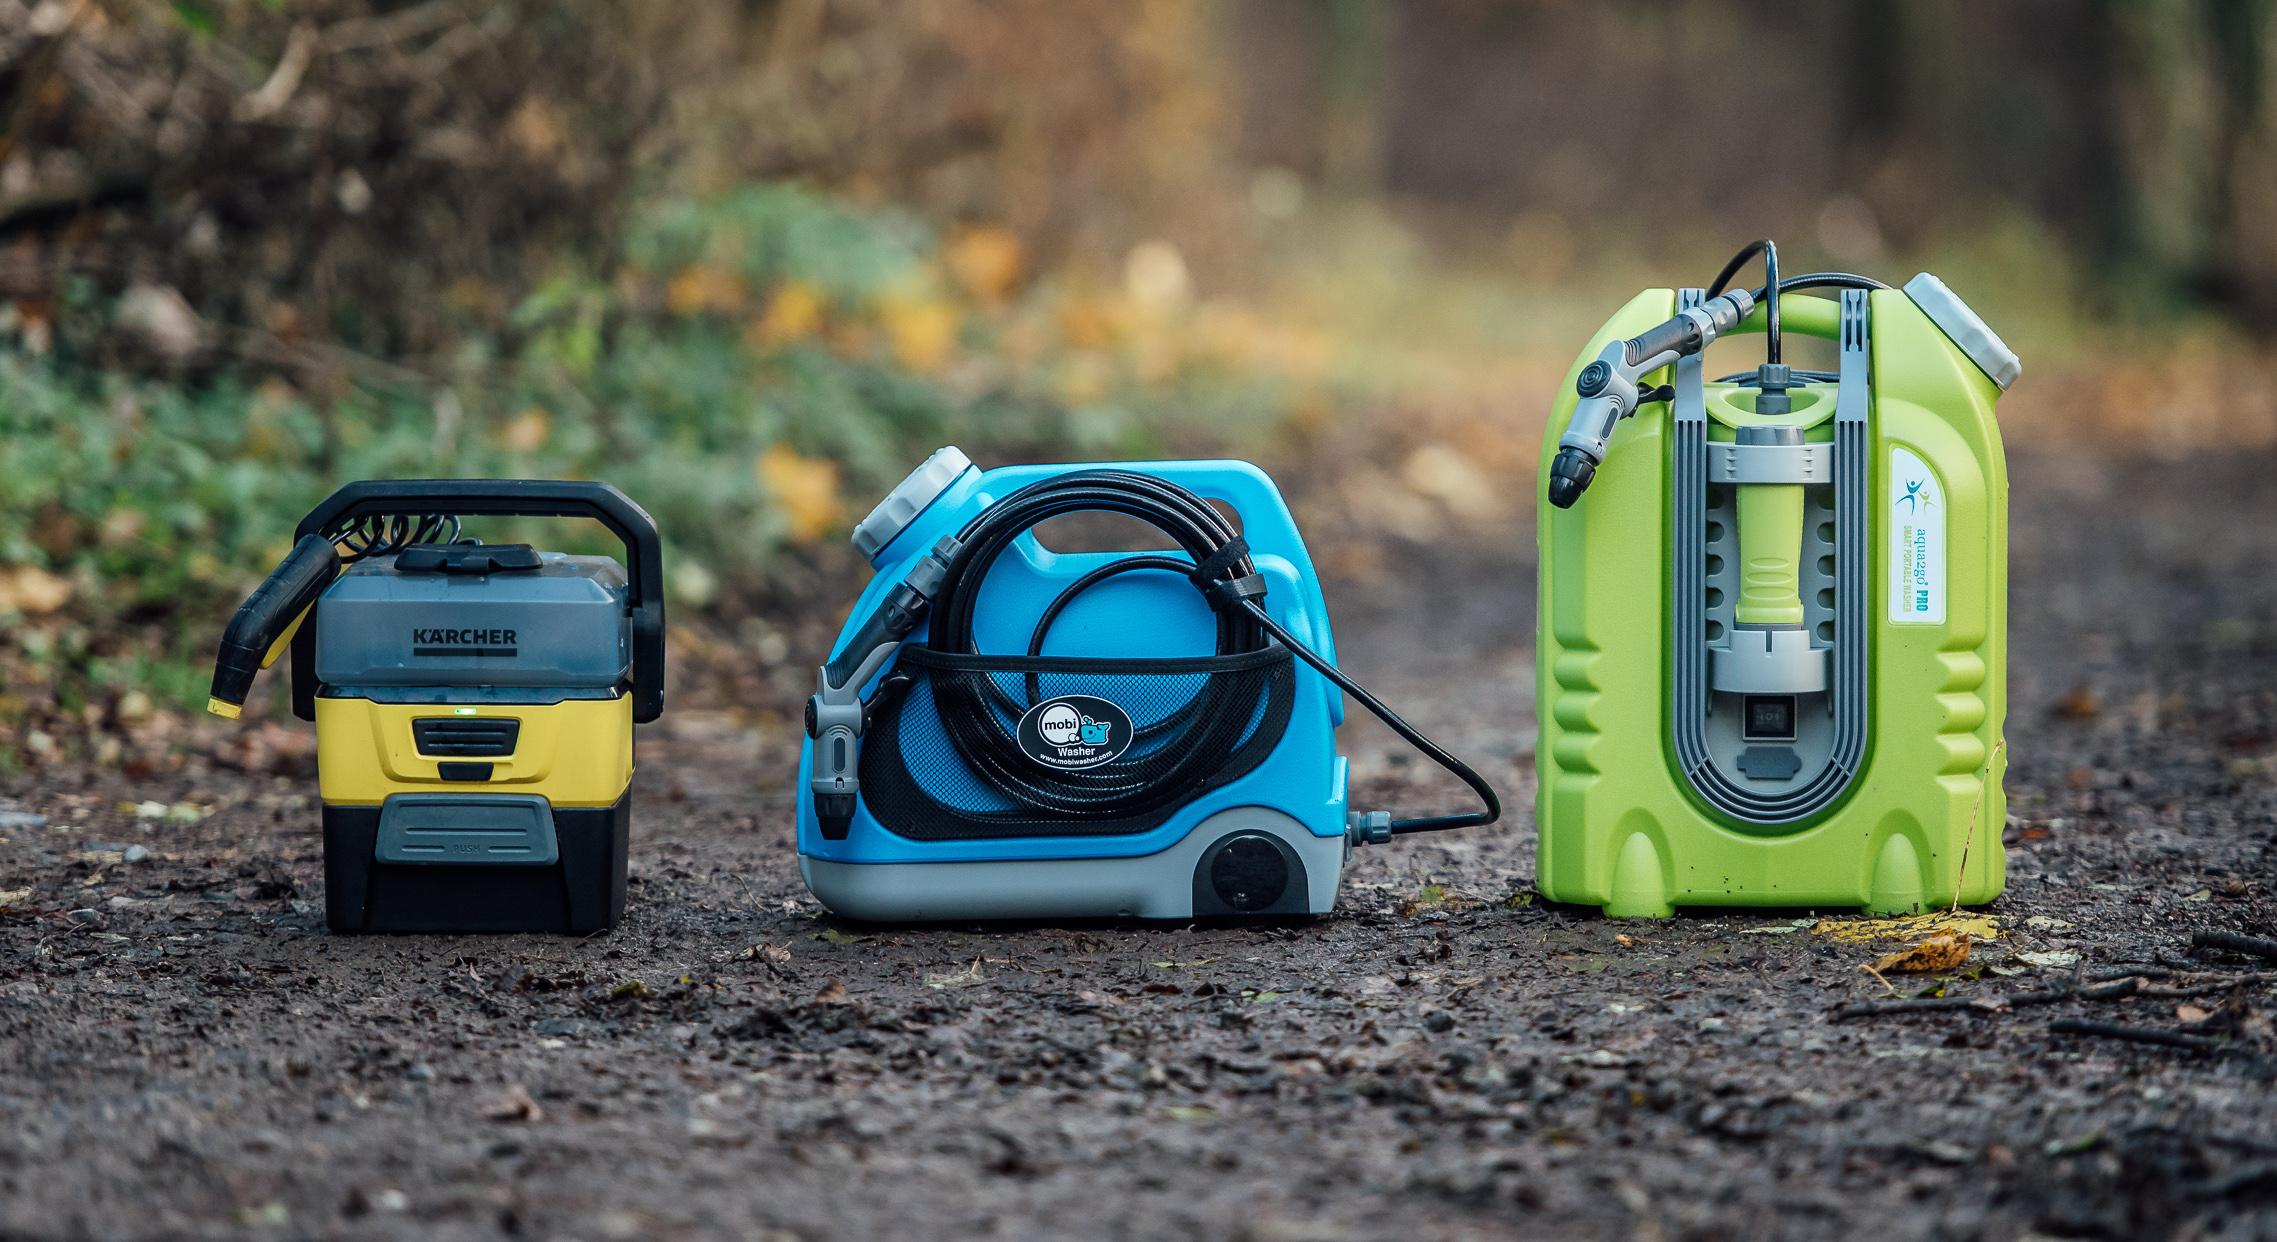 mobi, kärcher, aqua2go: drei portable wasser-reinigungsgeräte im test